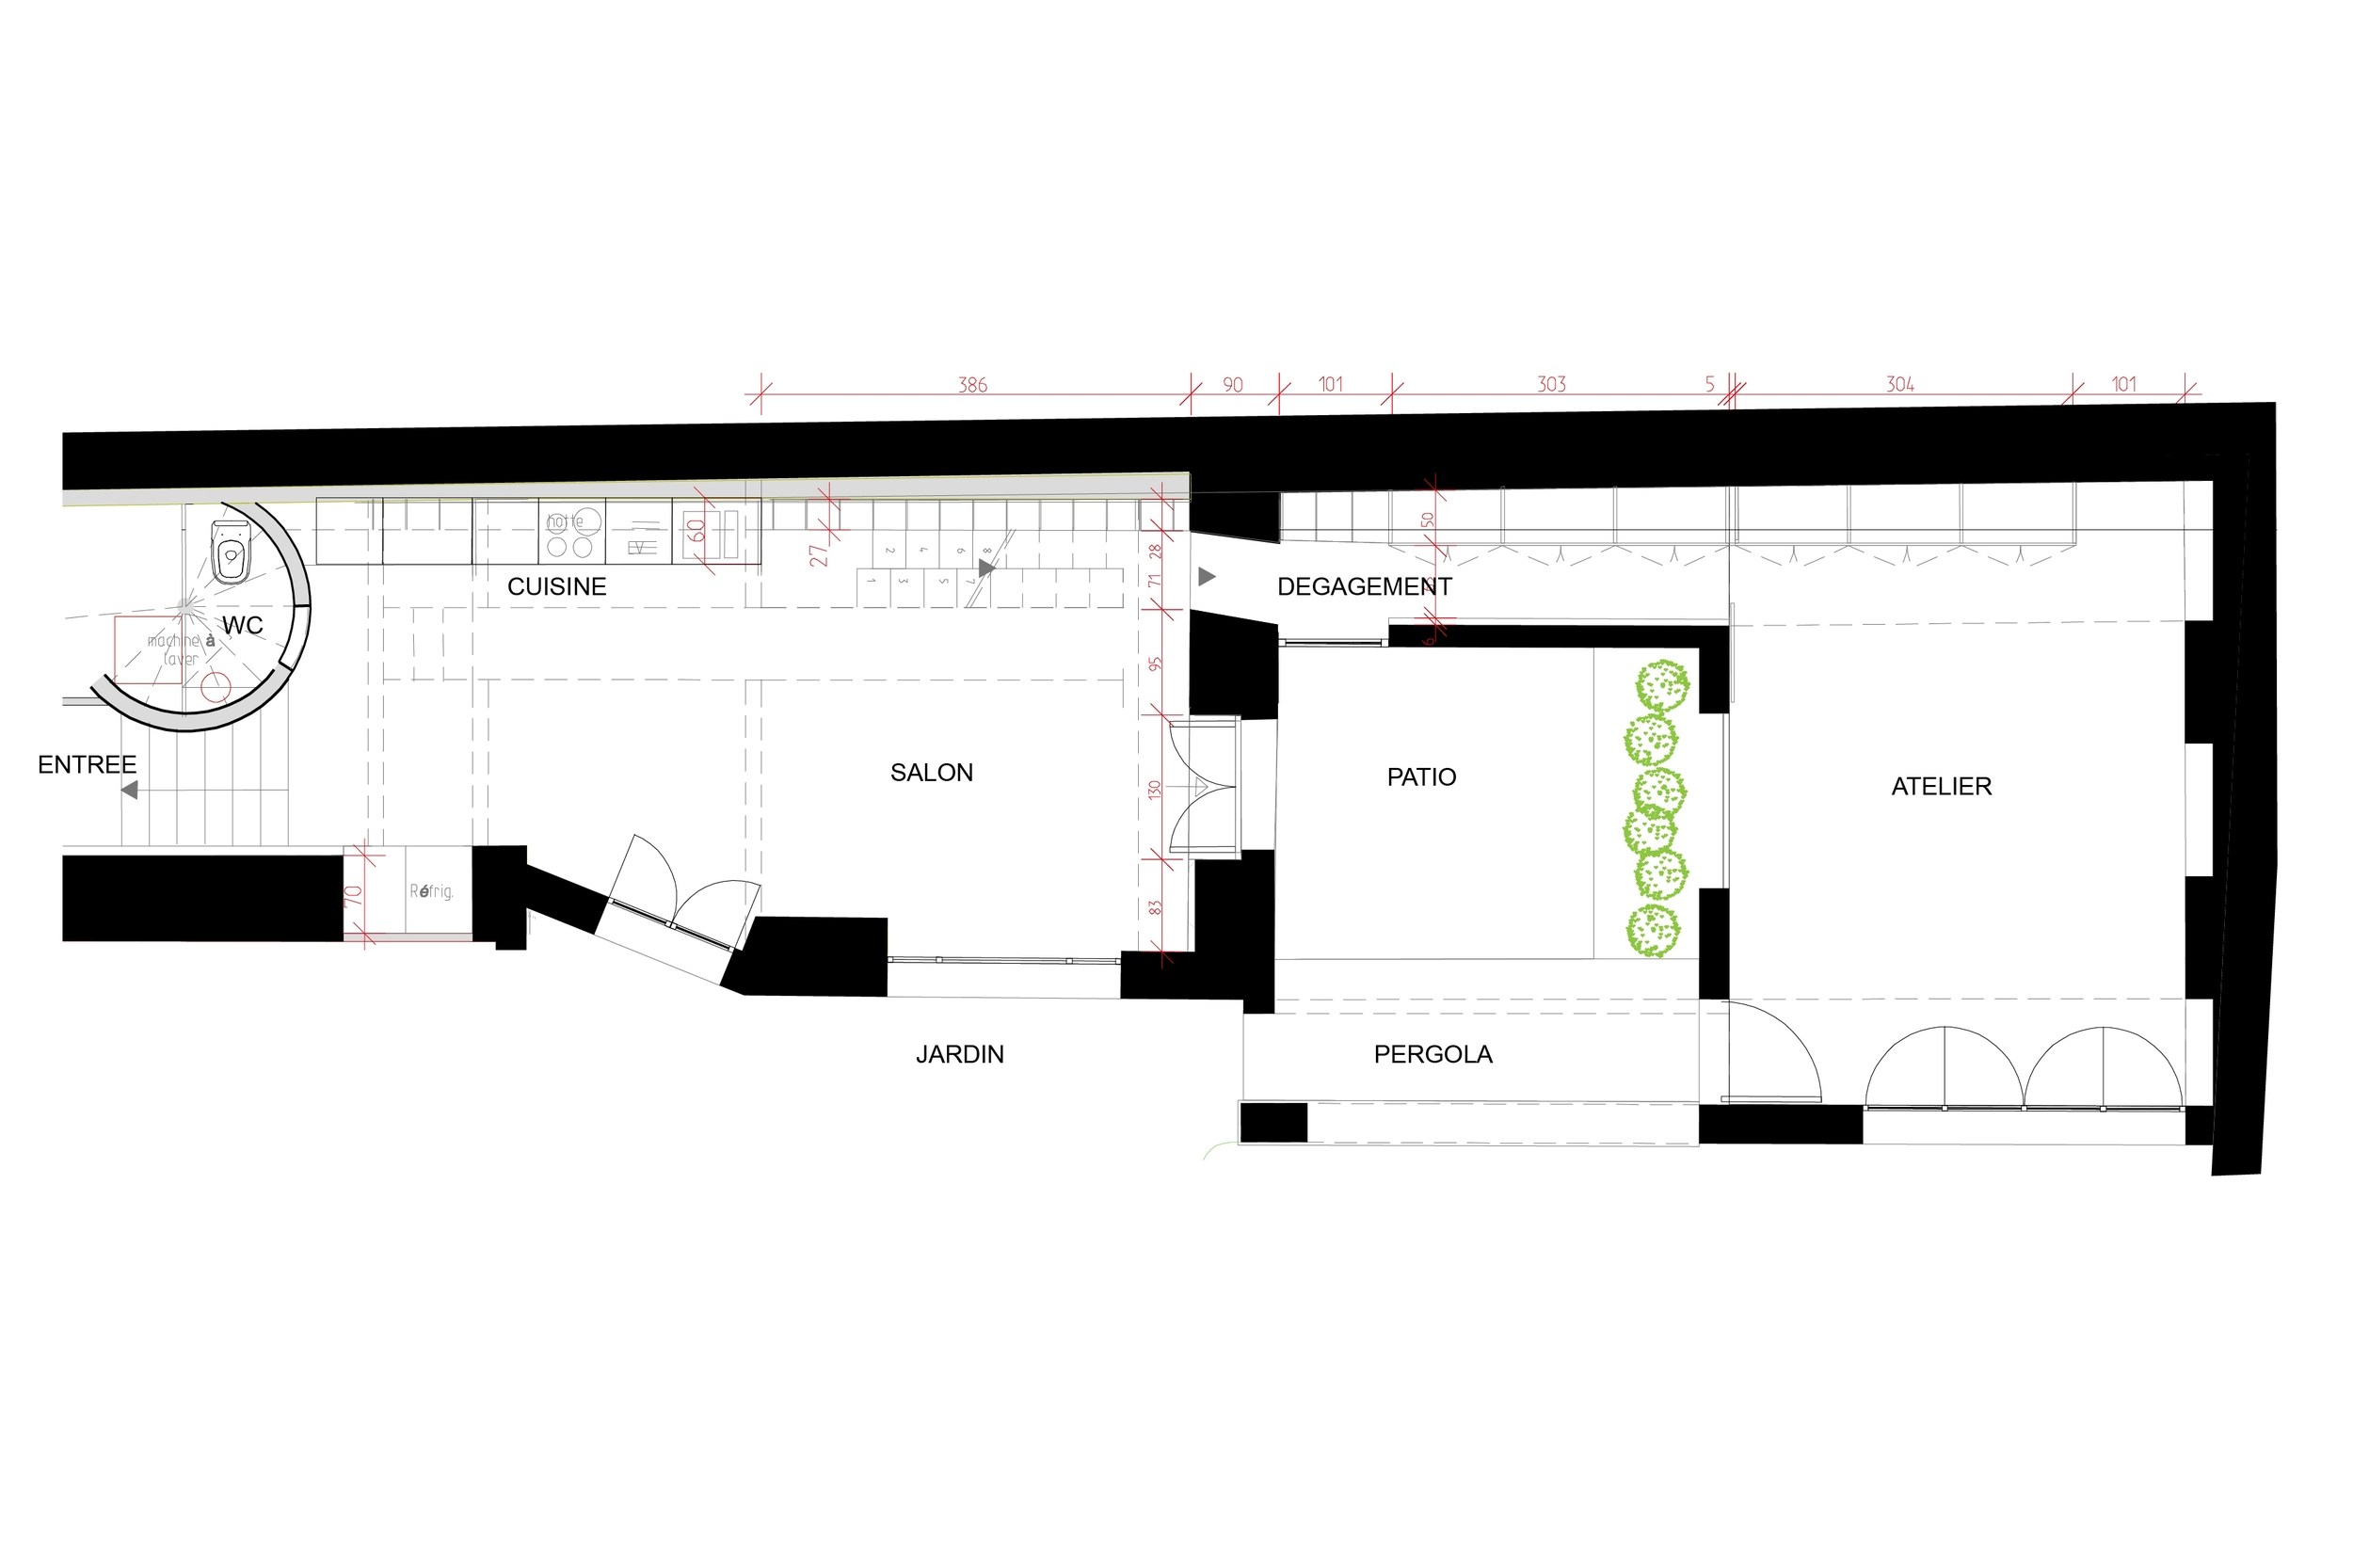 1-VAVIN 2014 PLAN RDC-01.jpg